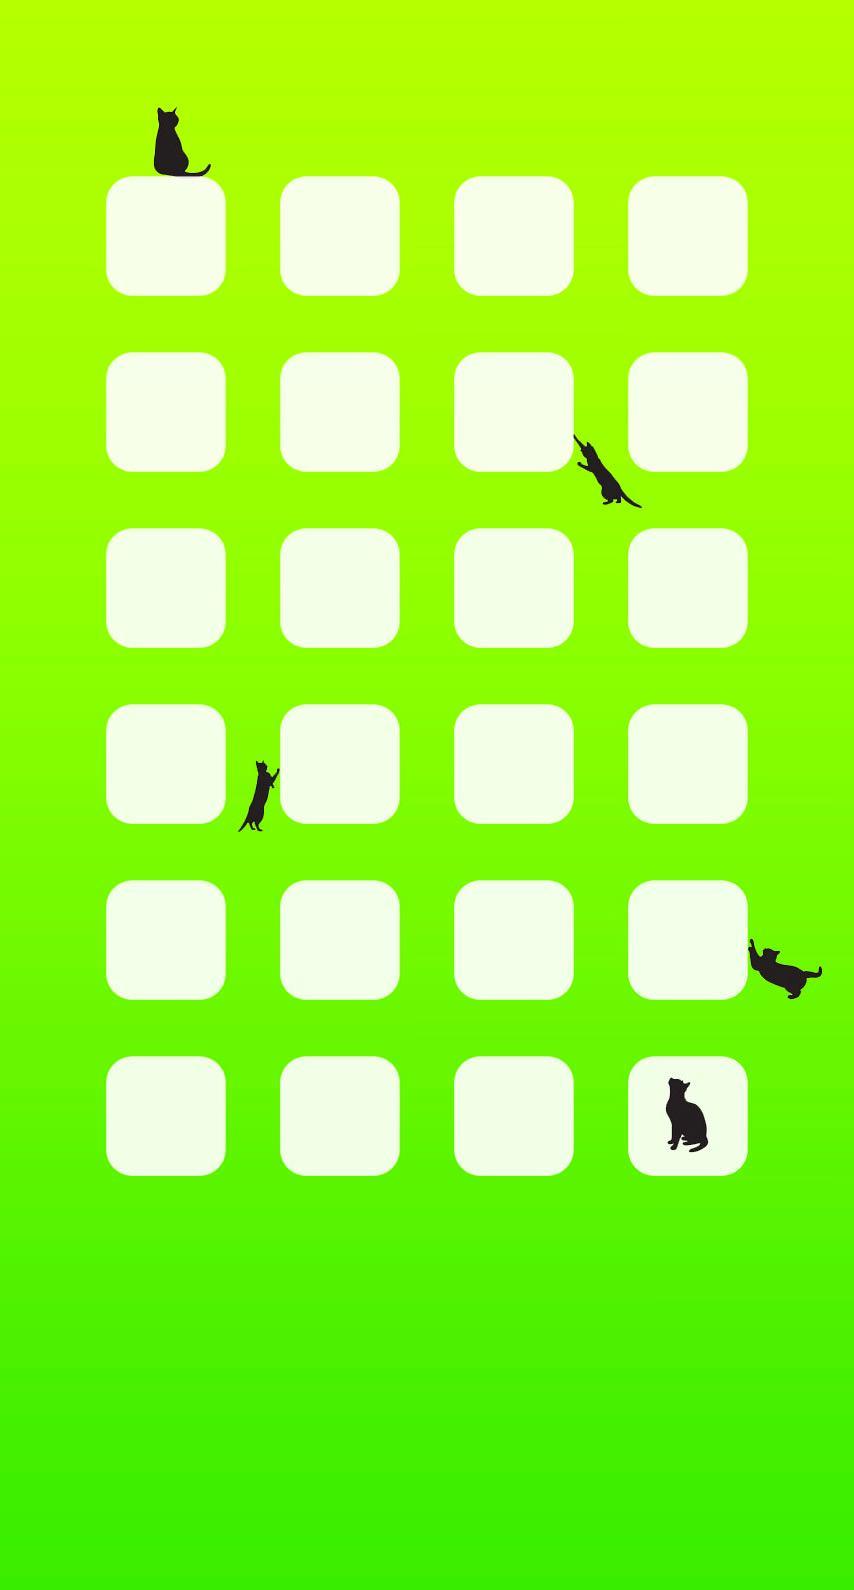 コック ボタン 異なる Iphone8 棚 壁紙 合わ ない Arteduna Com